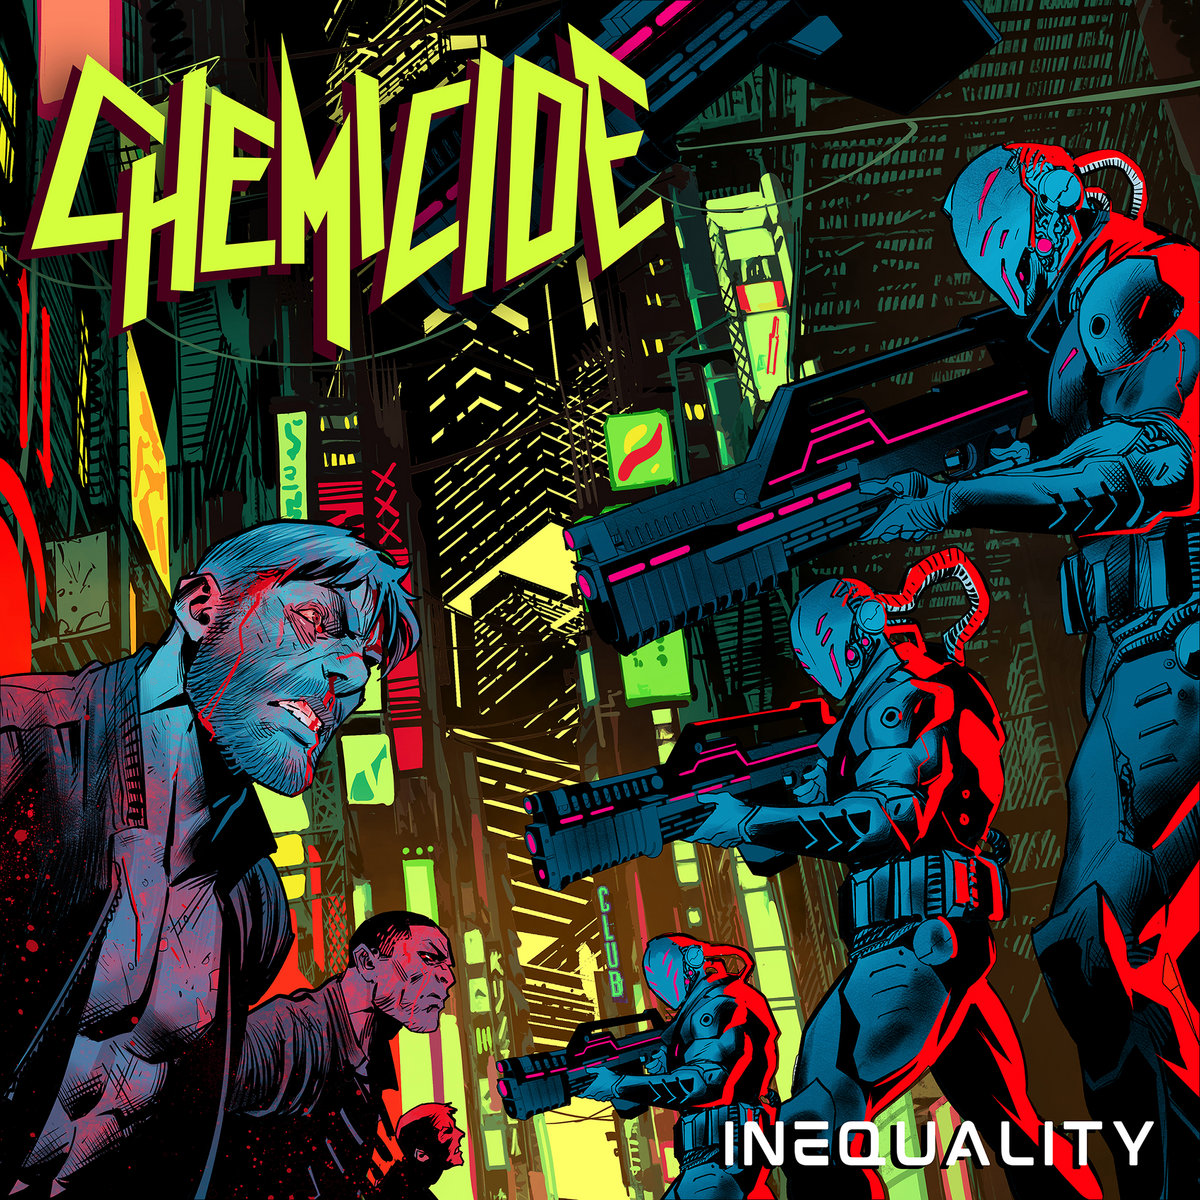 Resultado de imagen para Chemicide – Inequality